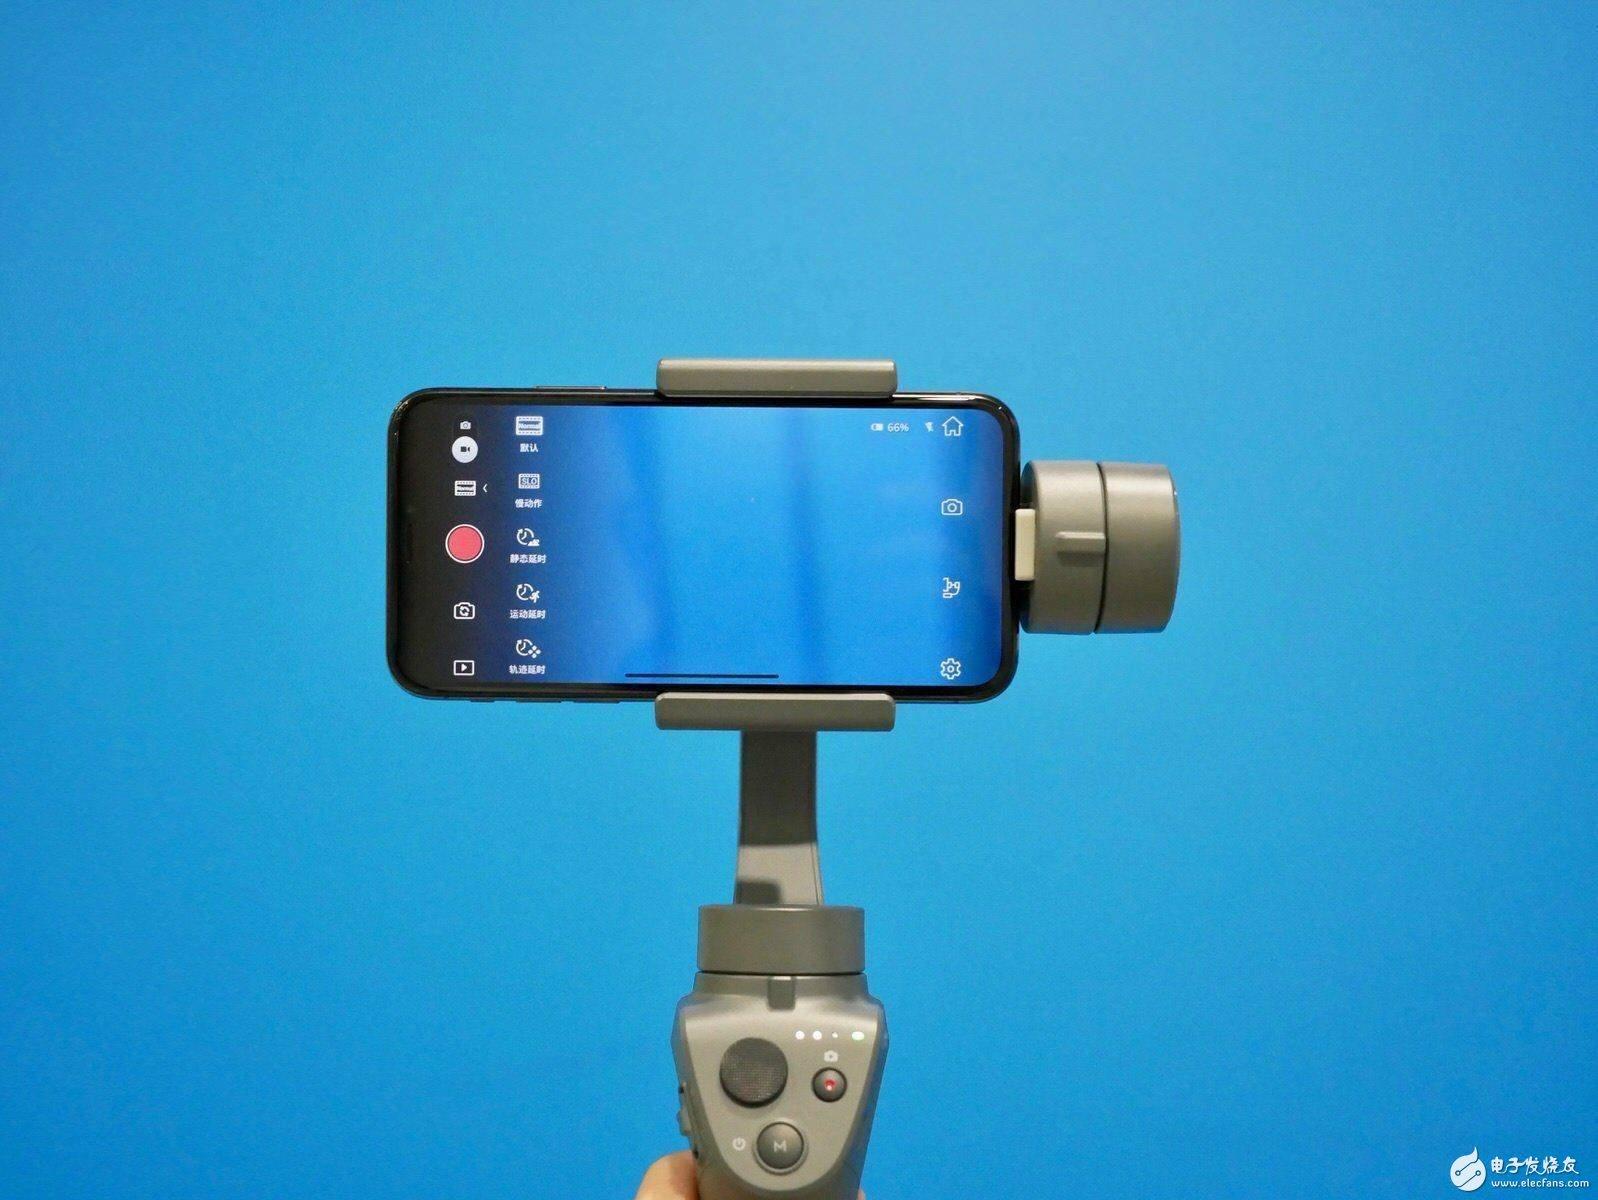 大疆口袋靈眸云臺相機評測 值得考慮投資的產品